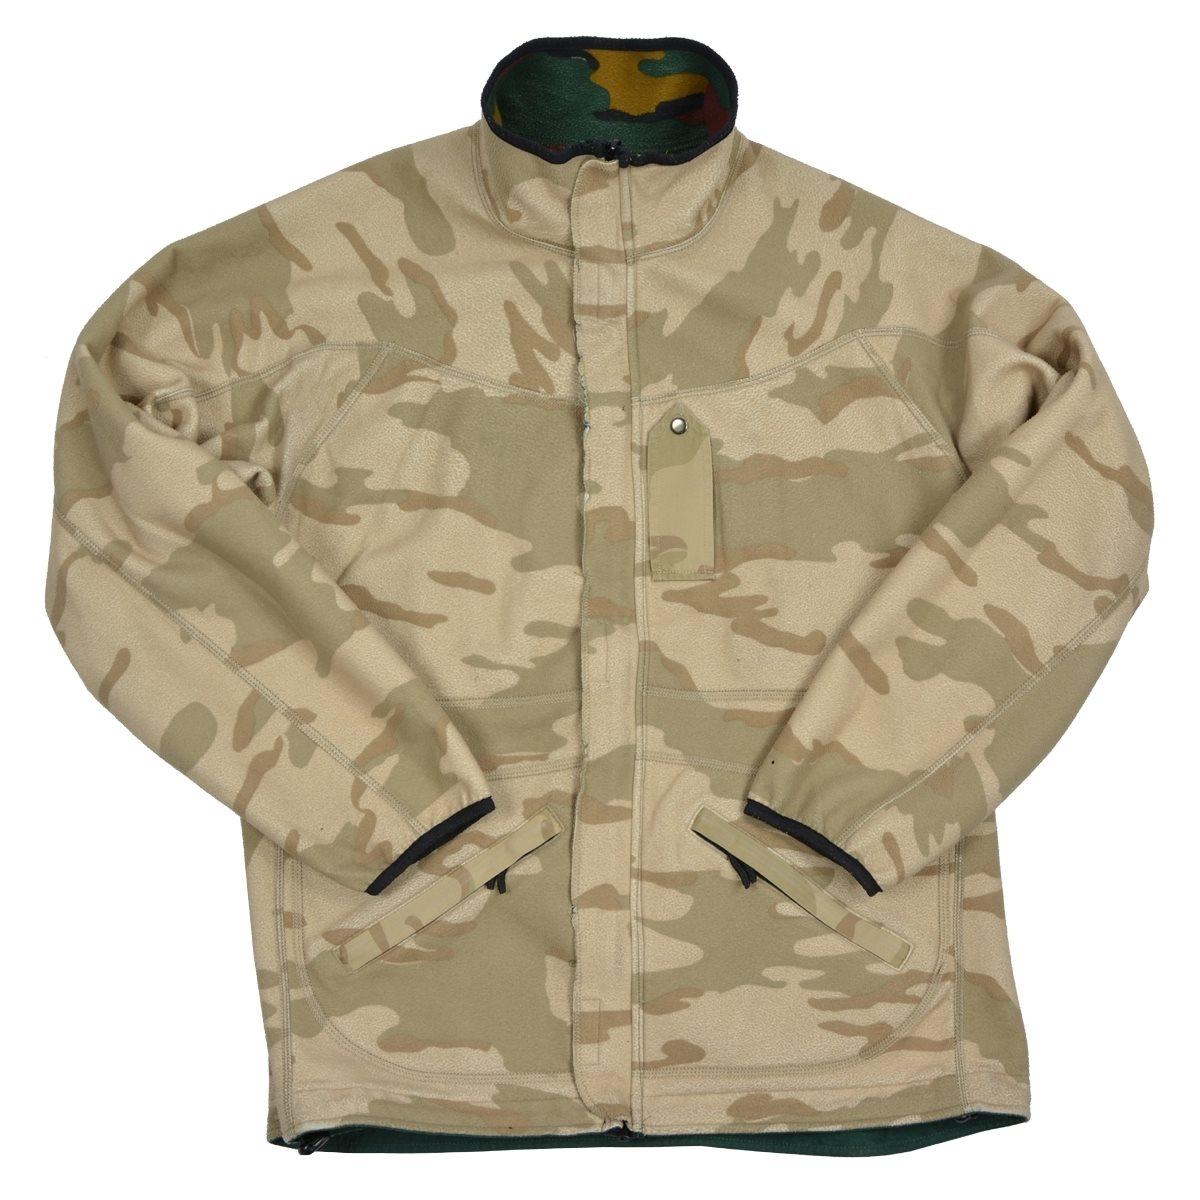 Bunda fleece oboustranná BELGIE TARN Jigsaw použitá Armáda Belgická 91085560 L-11